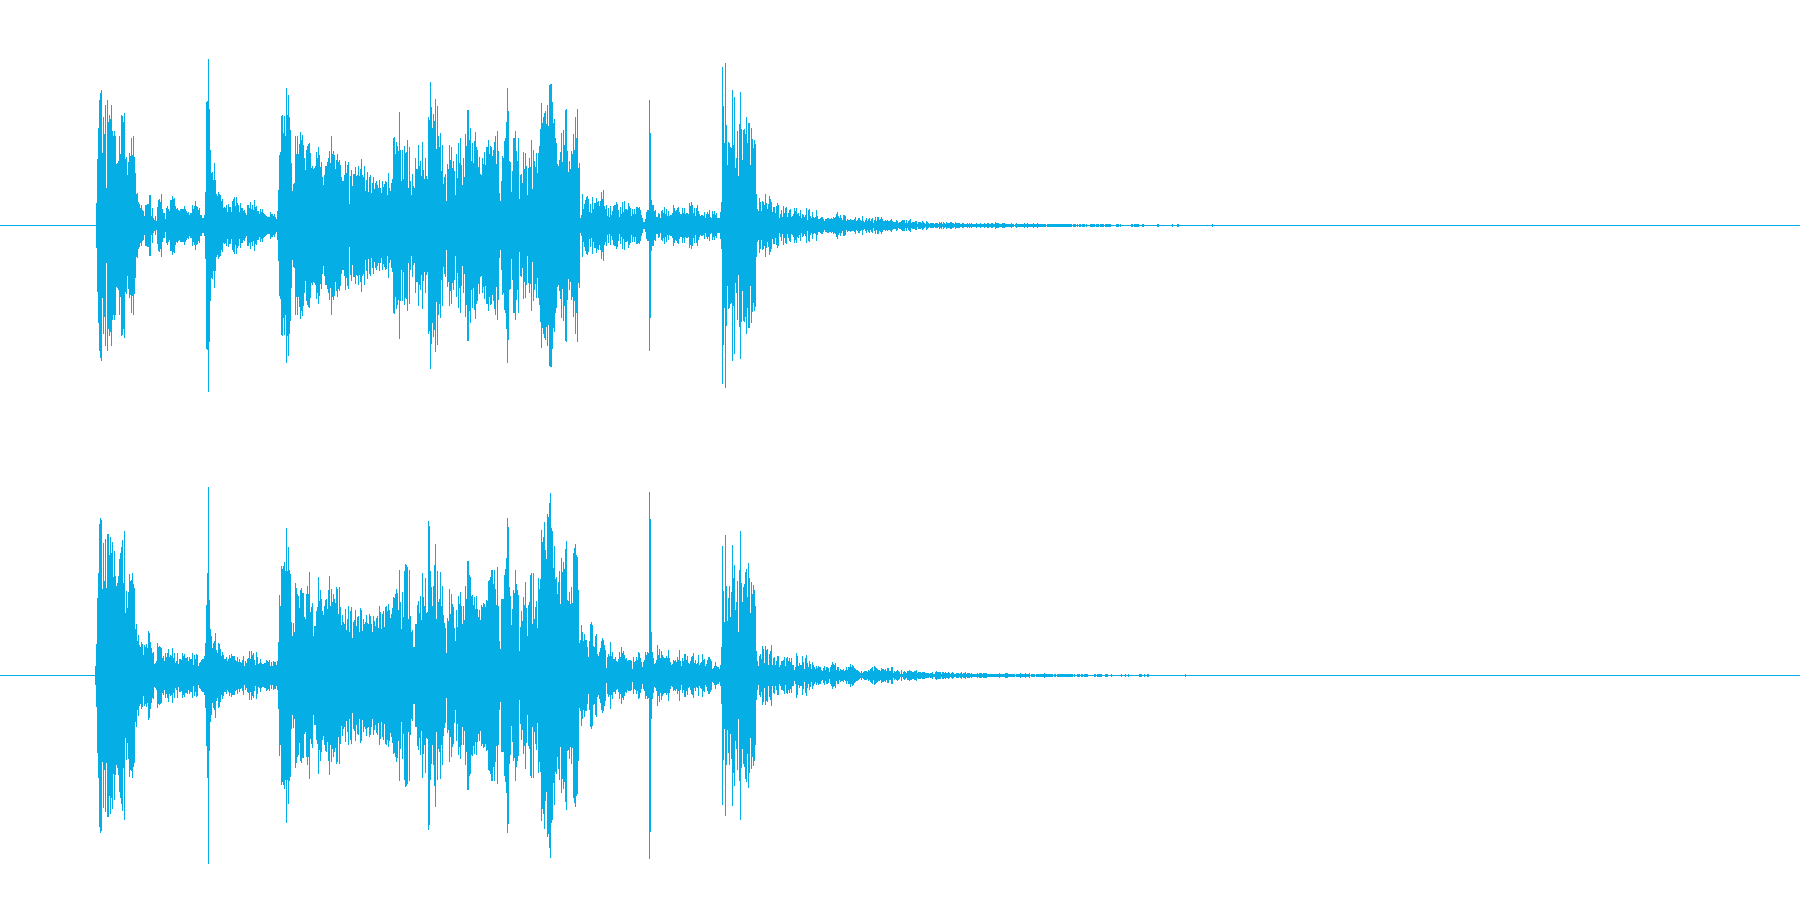 コミカルなジャズのジングル、サウンドロゴの再生済みの波形